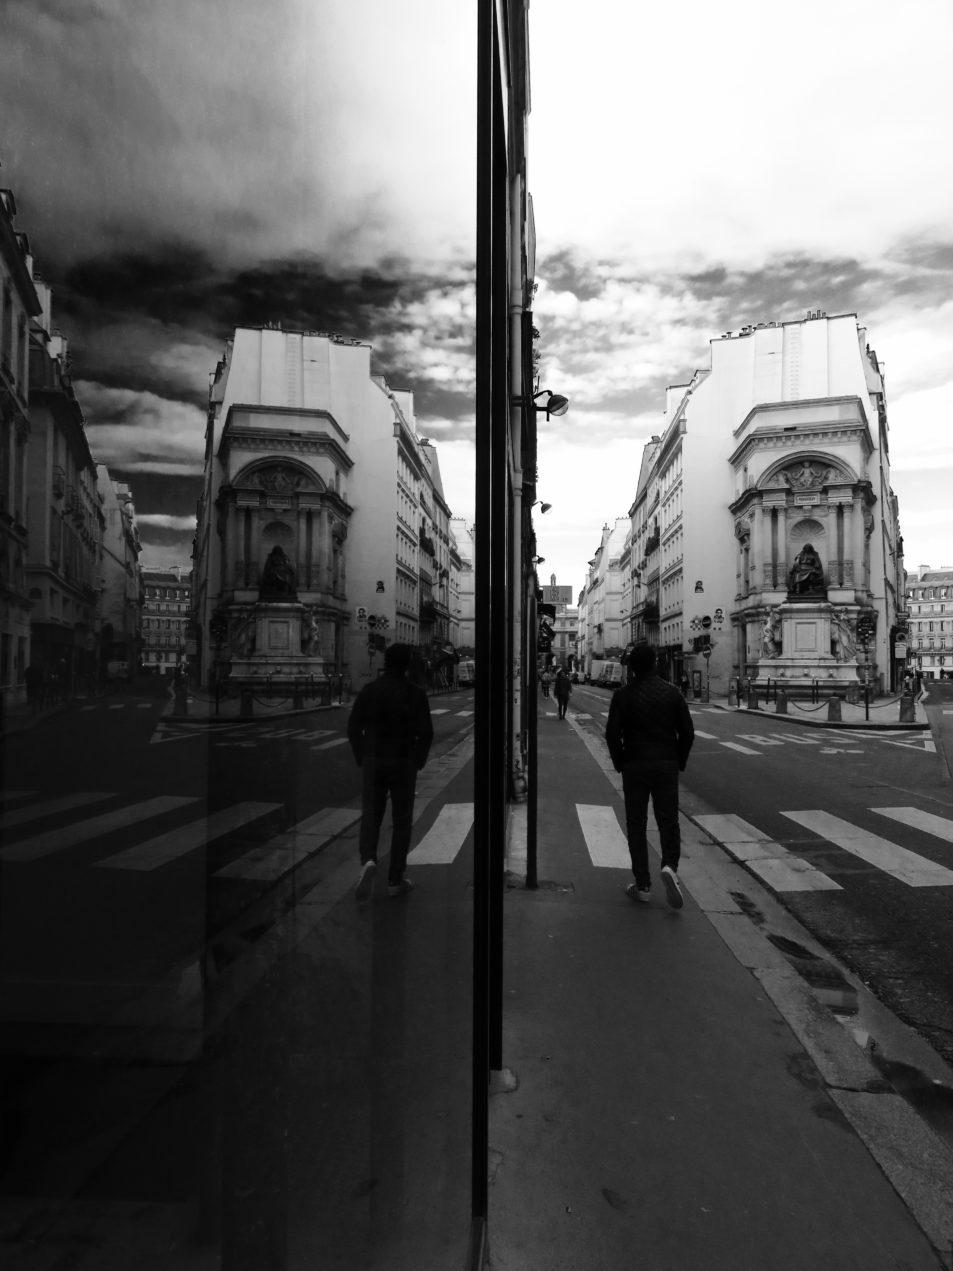 Photo en noir et blanc de la fontaine Molière, rue de Richelieu, à Paris, se reflétant dans une vitre